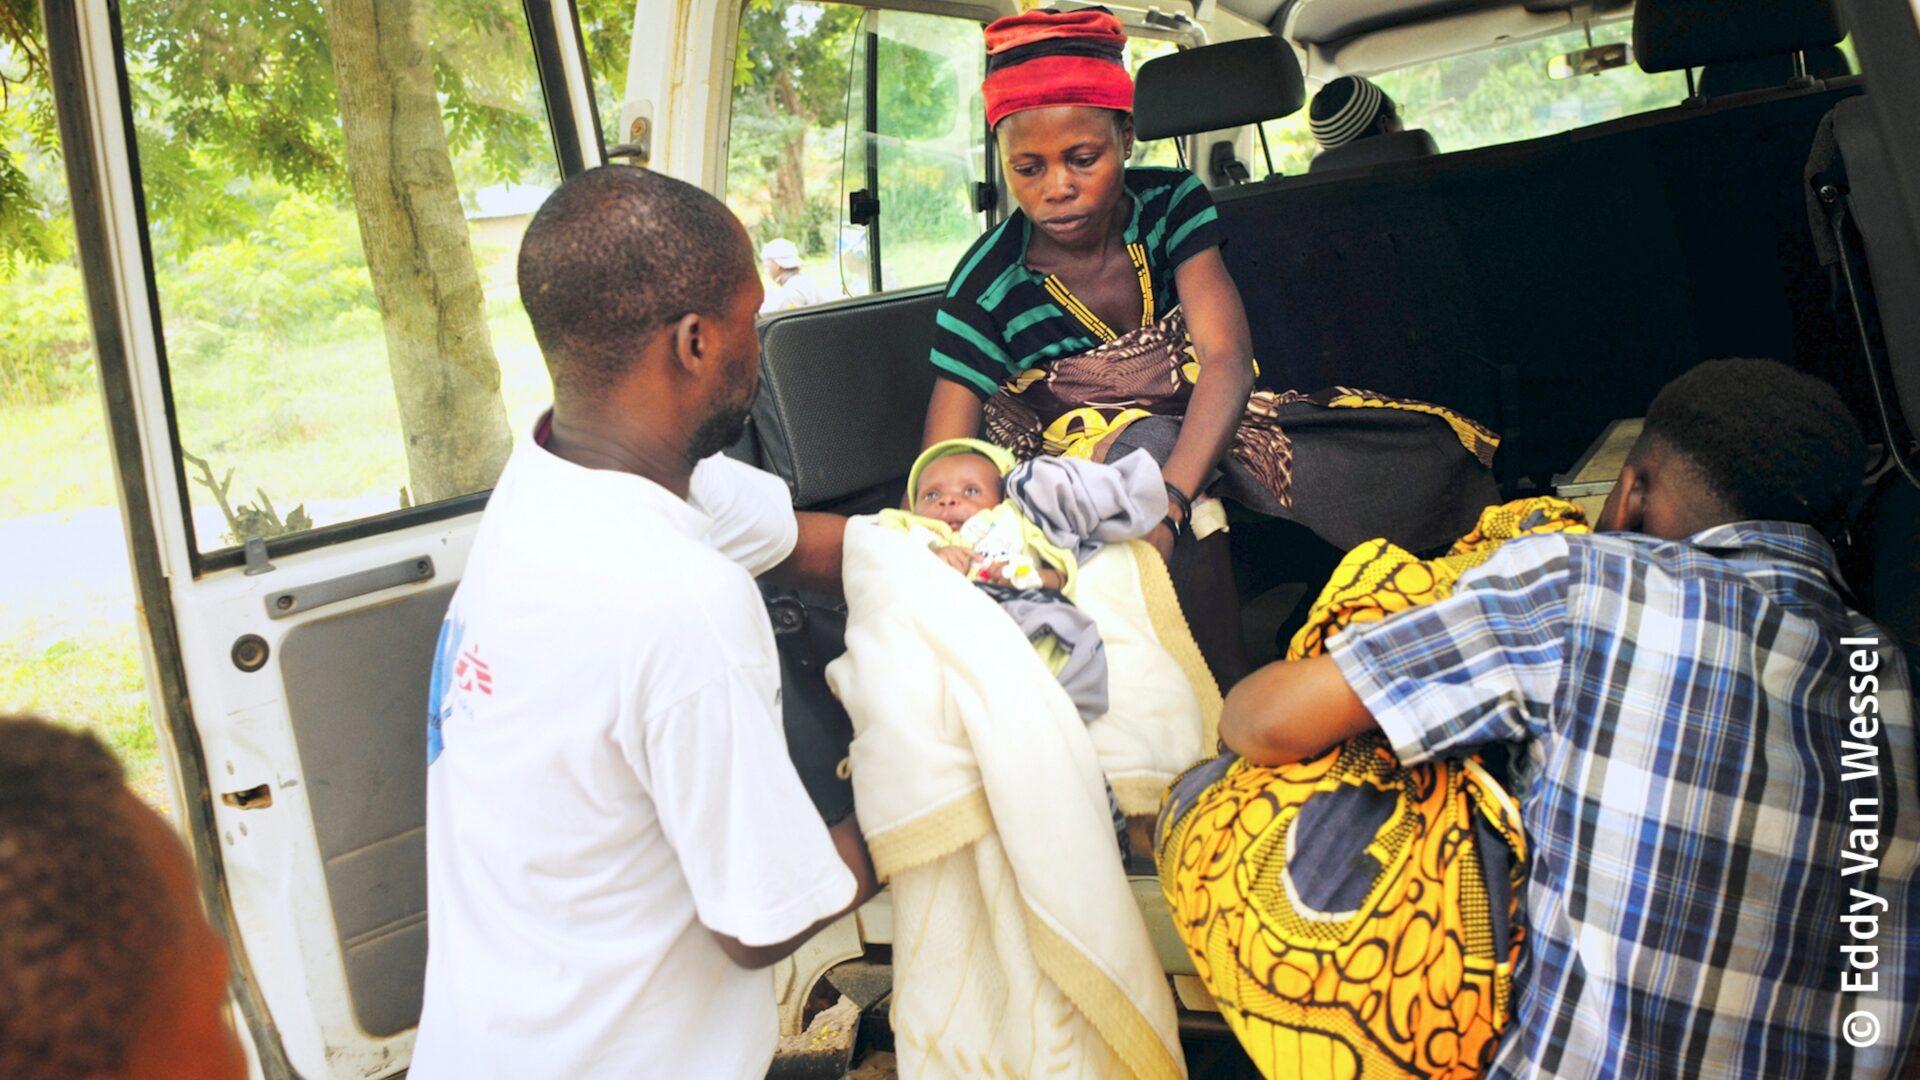 Dieses Kind benötigt dringend eine Behandlung in einem Krankenhaus in Baraka, das von Ärzte ohne Grenzen unterstützt wird. Er leidet an einer schweren Malariaerkrankung.